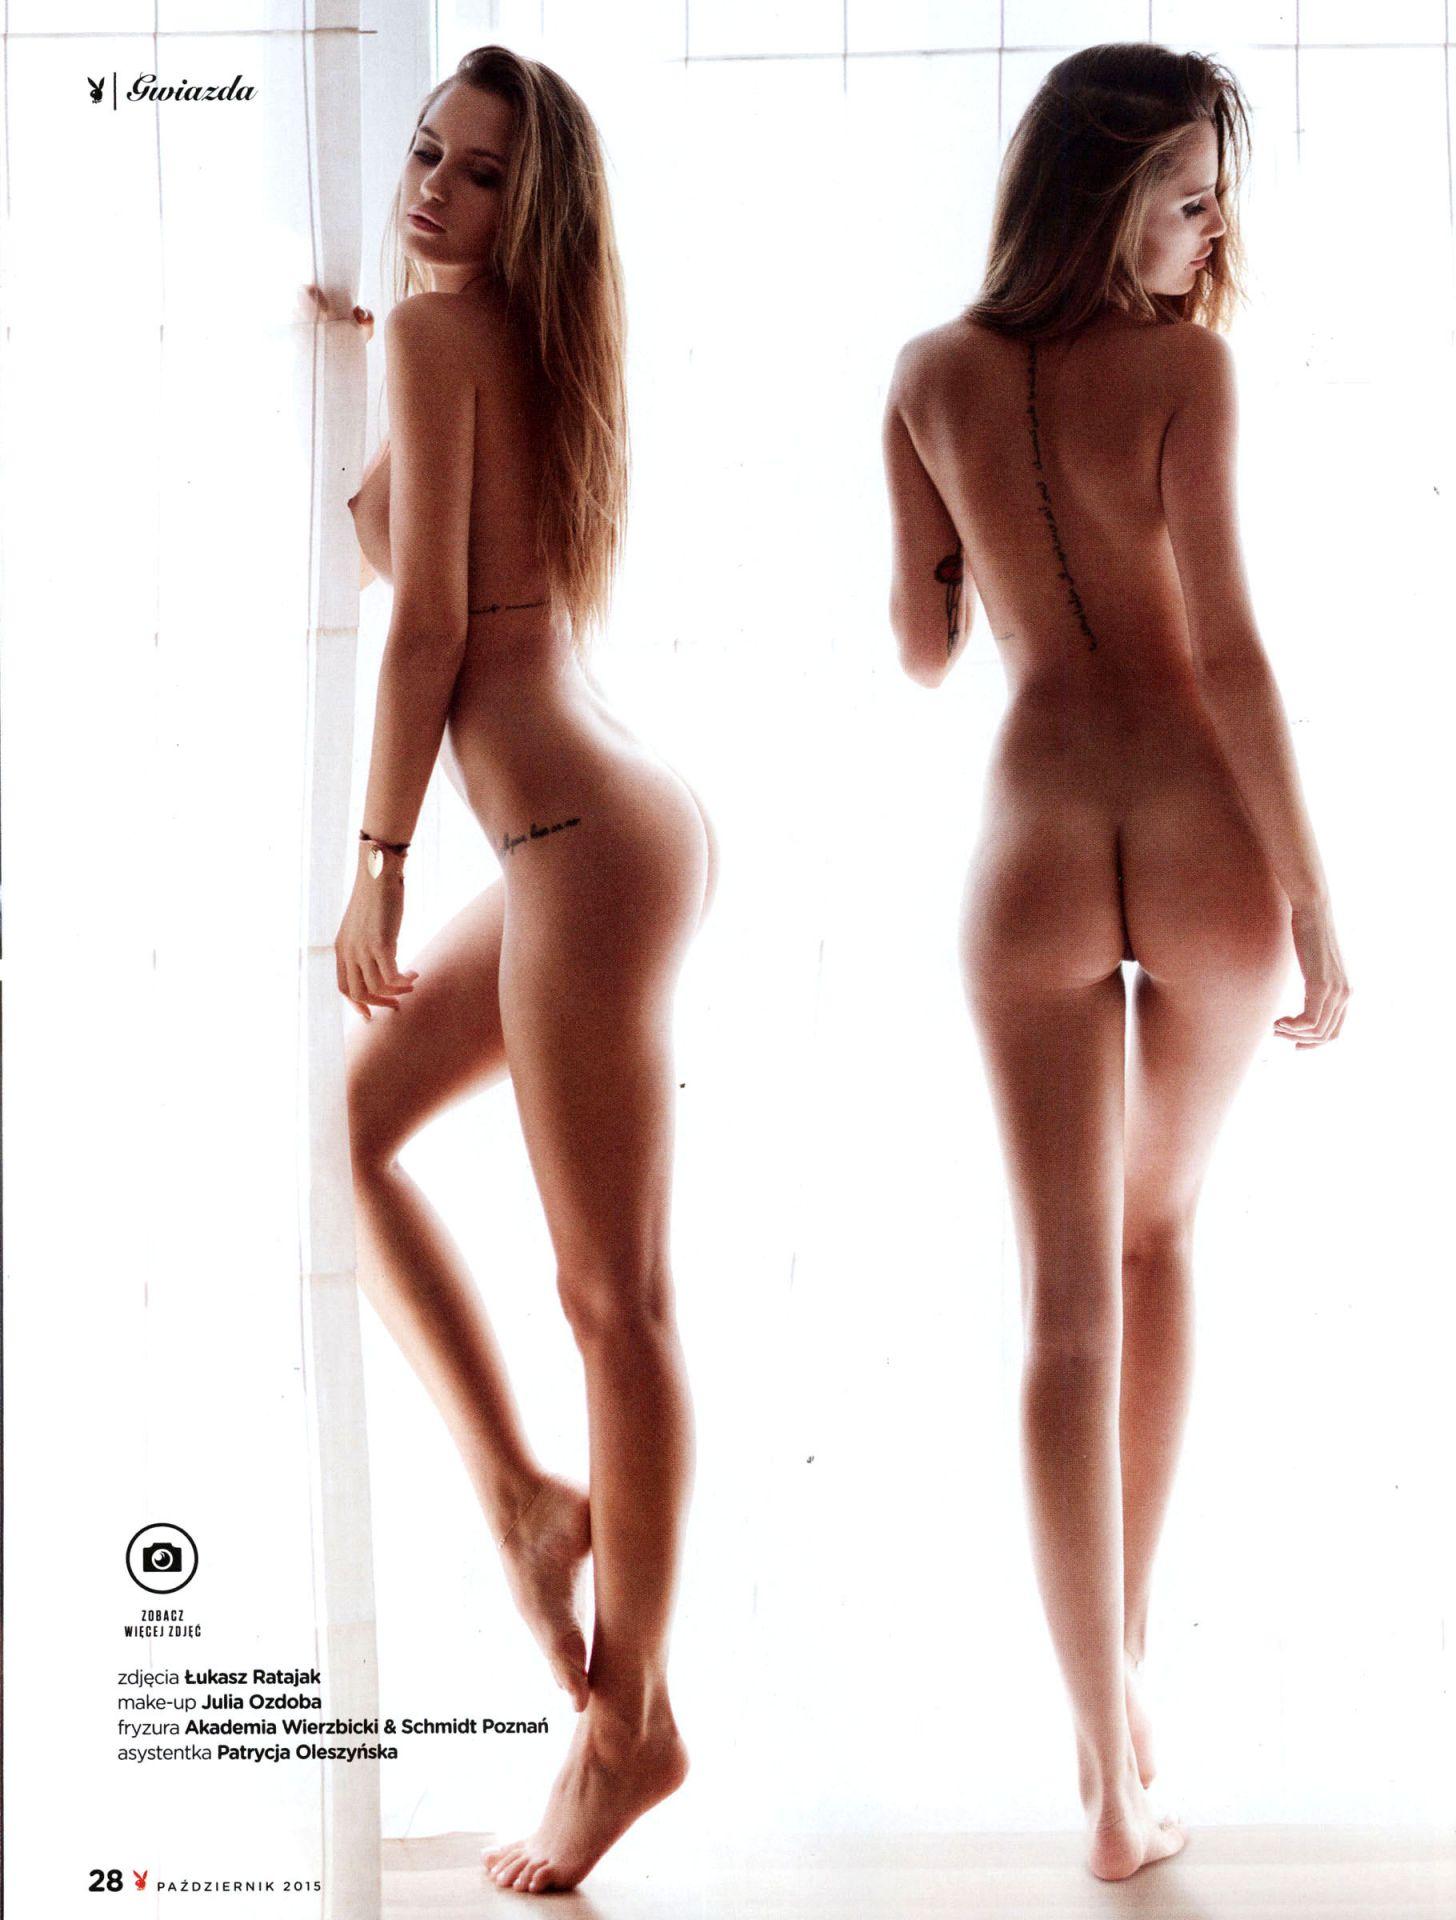 Hot sexy nude linda fiorentino